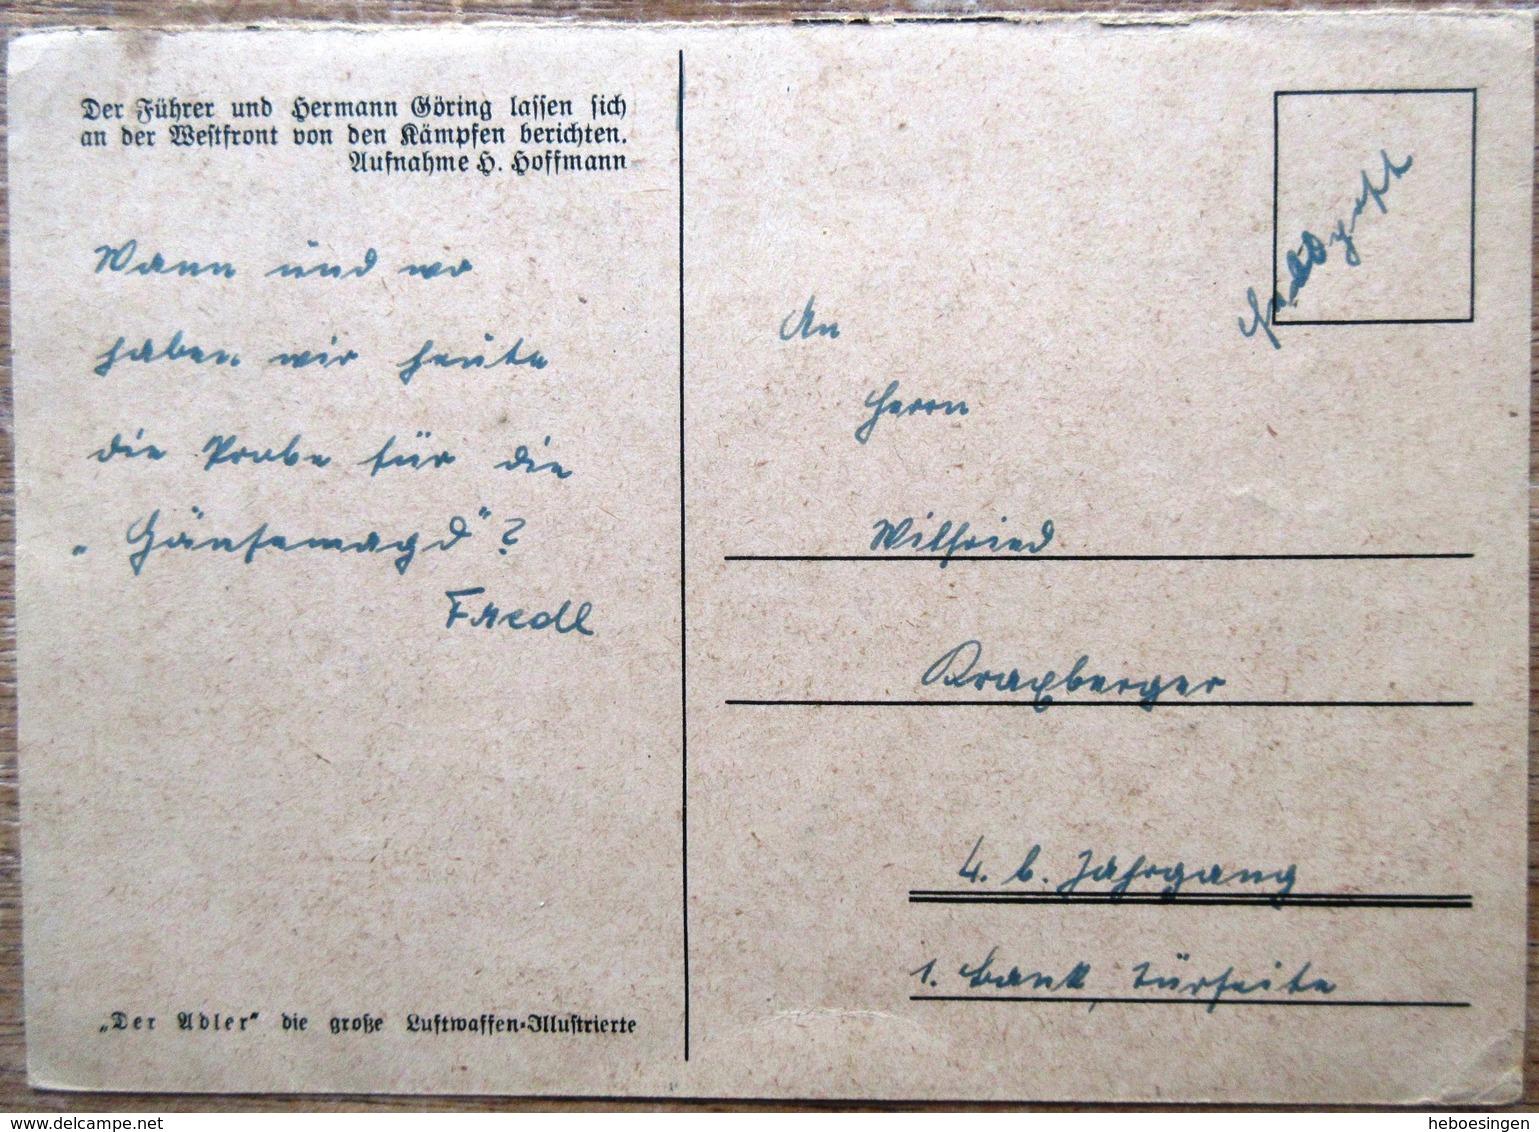 Hitler Und Göhring An Der Westfront - Beschriebene Karte - Personen